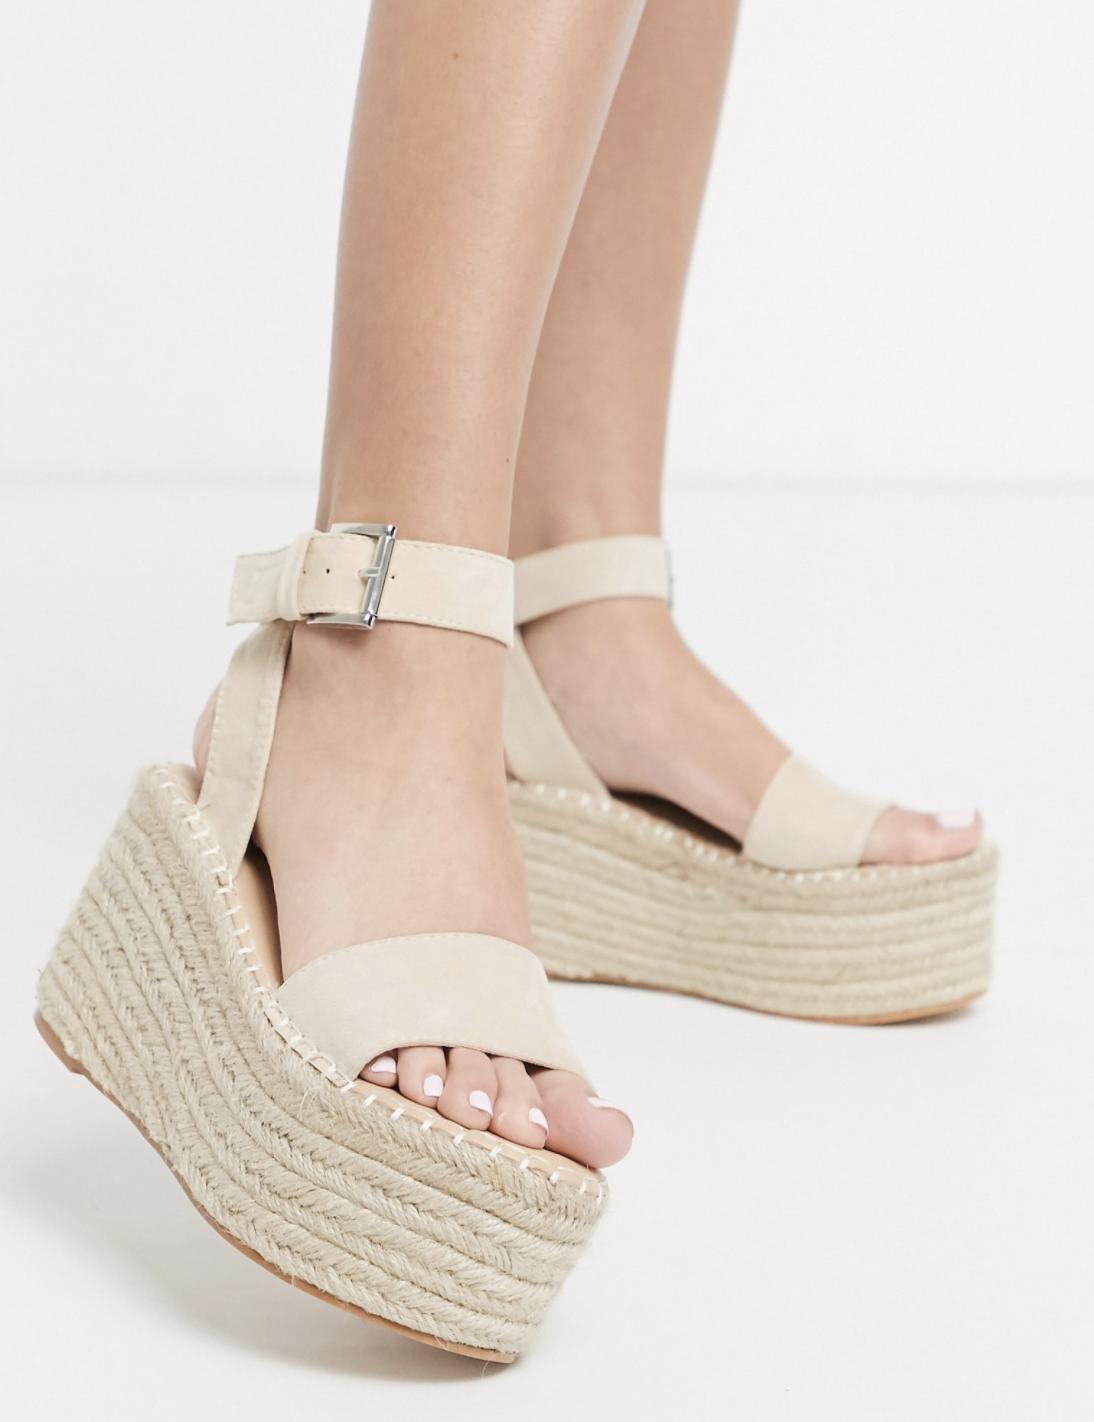 Sandalias estilo alpargatas con plataforma plana y diseño de rafia en beis Saffy de Public Desire